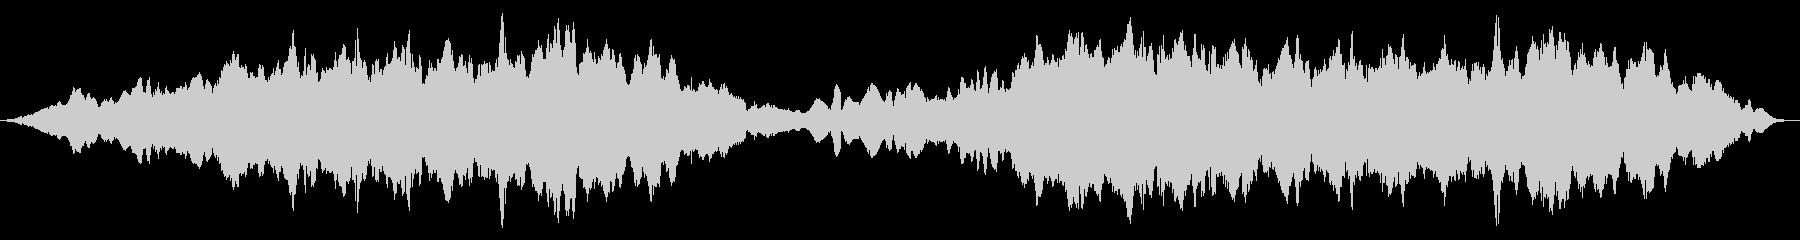 スペースドローン:メタリックFmデ...の未再生の波形